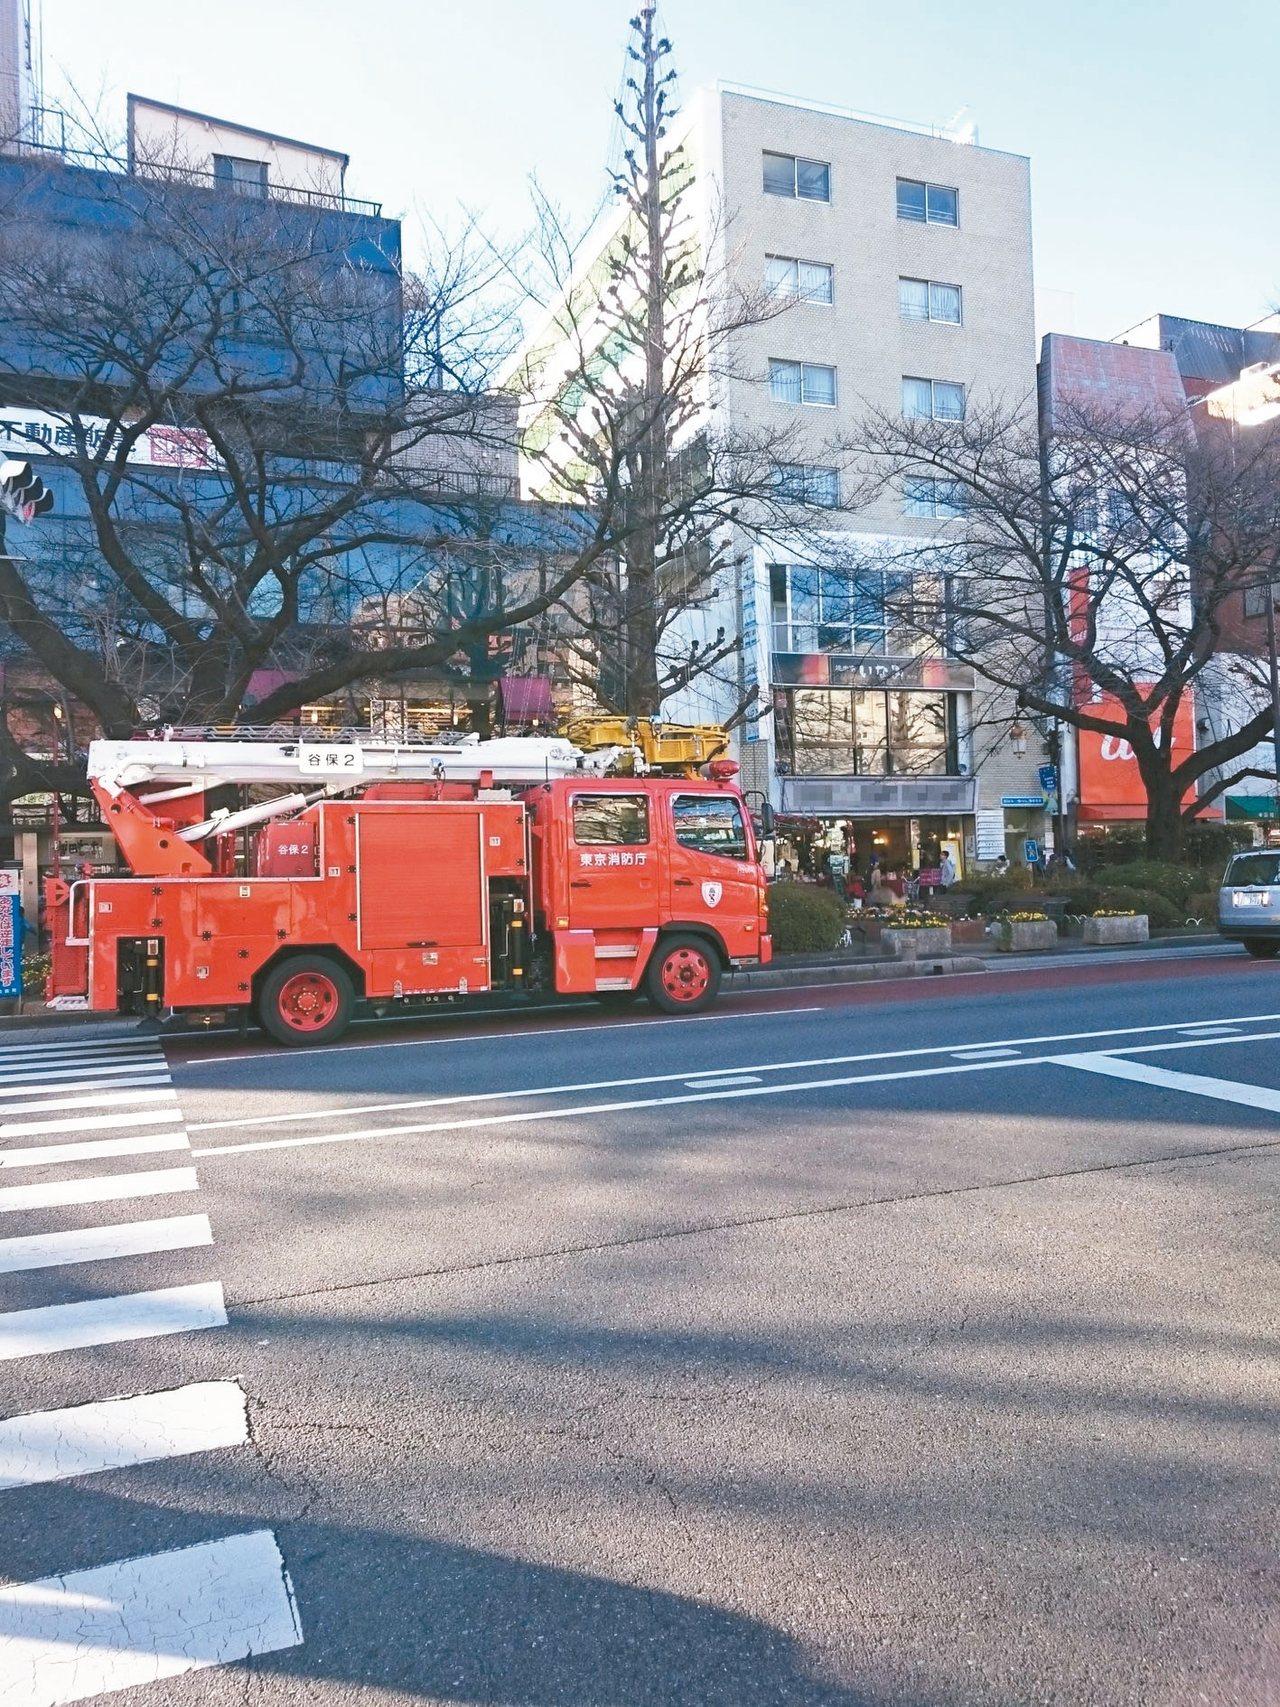 平日無事不會出現在街上的消防車,像「大晦日」(除夕)裡一個鮮紅的句號,準備平安告...